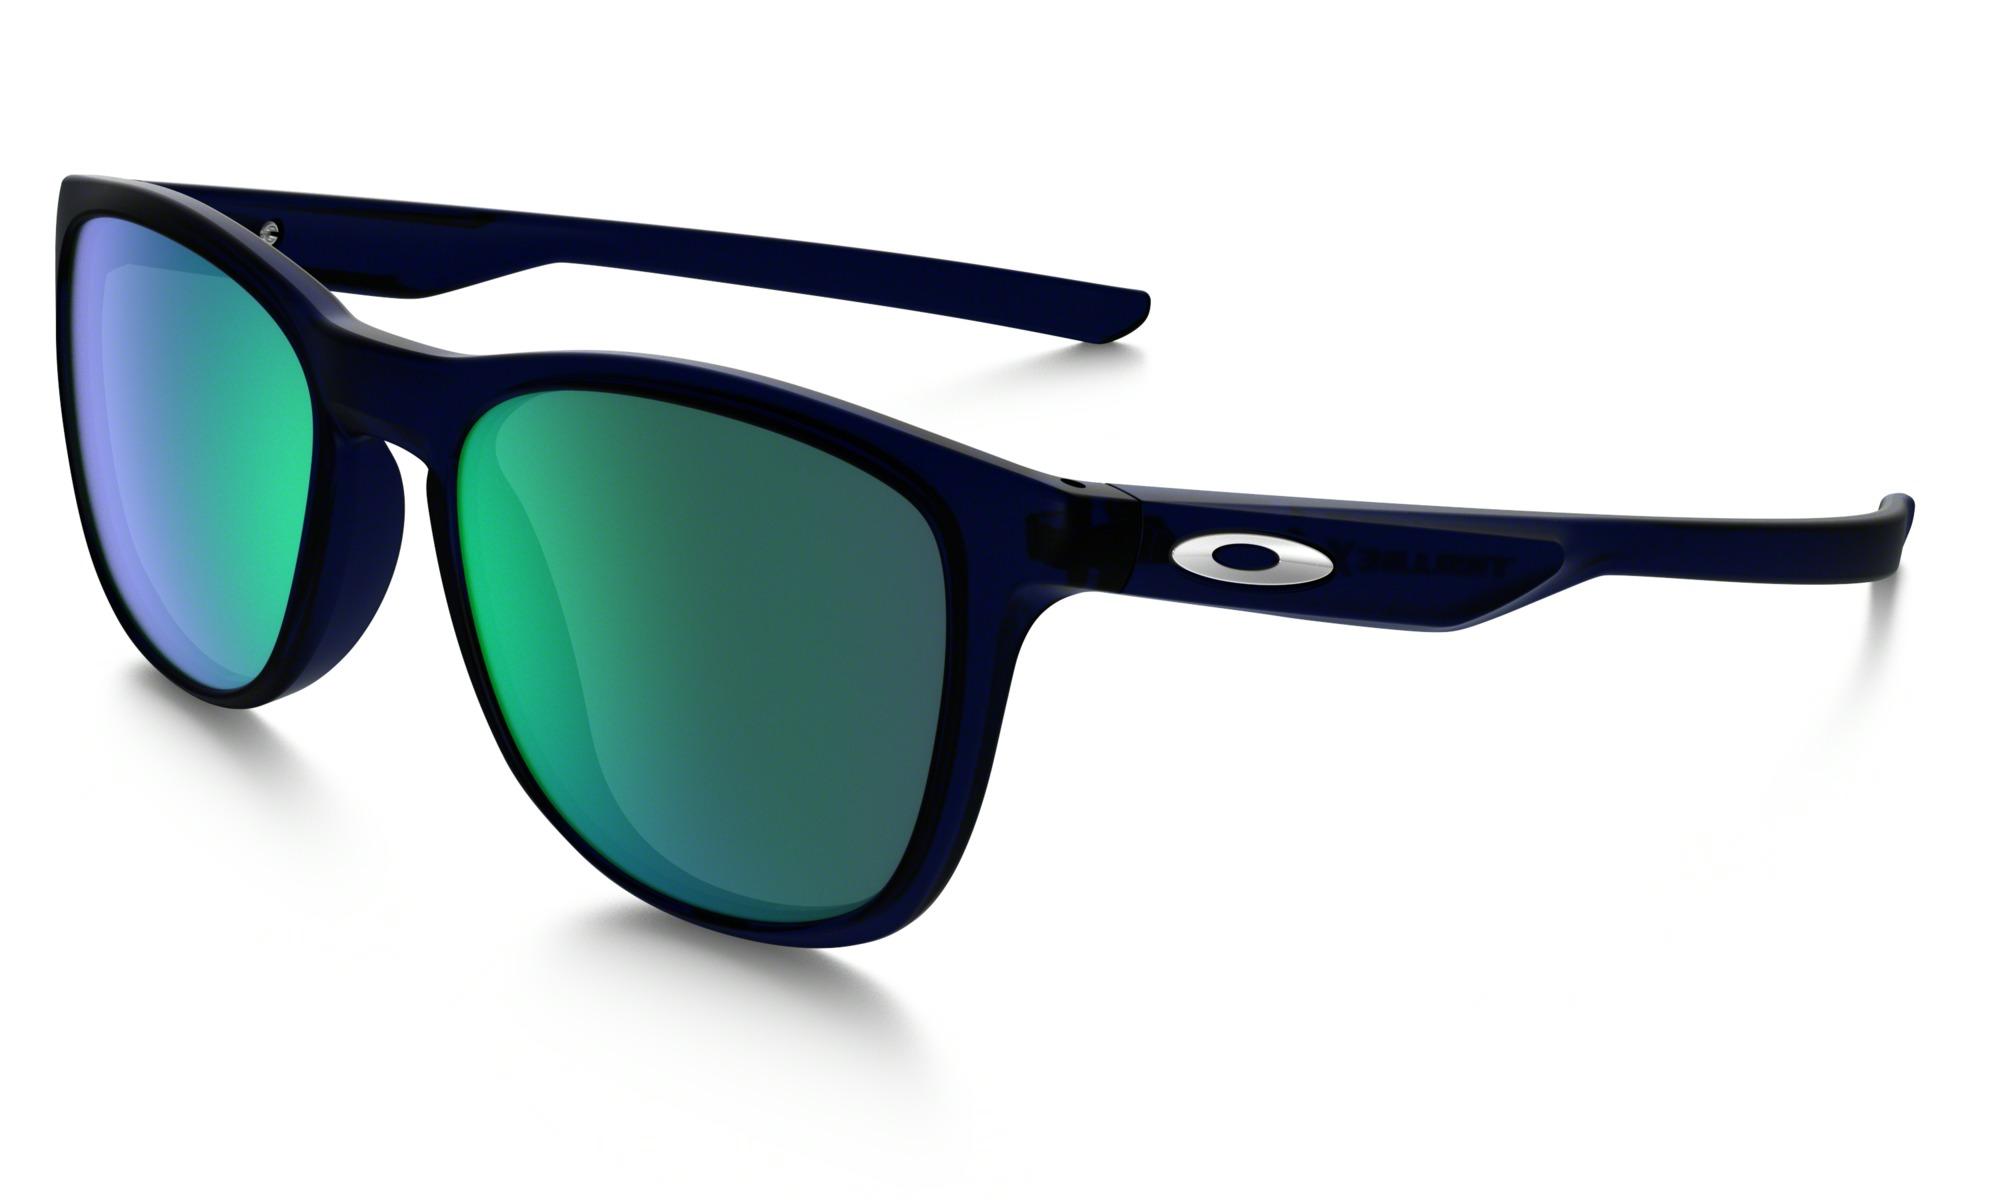 Oakley Trillbe X Sunglasses, Oakley Trillbe X Prescription Sunglasses